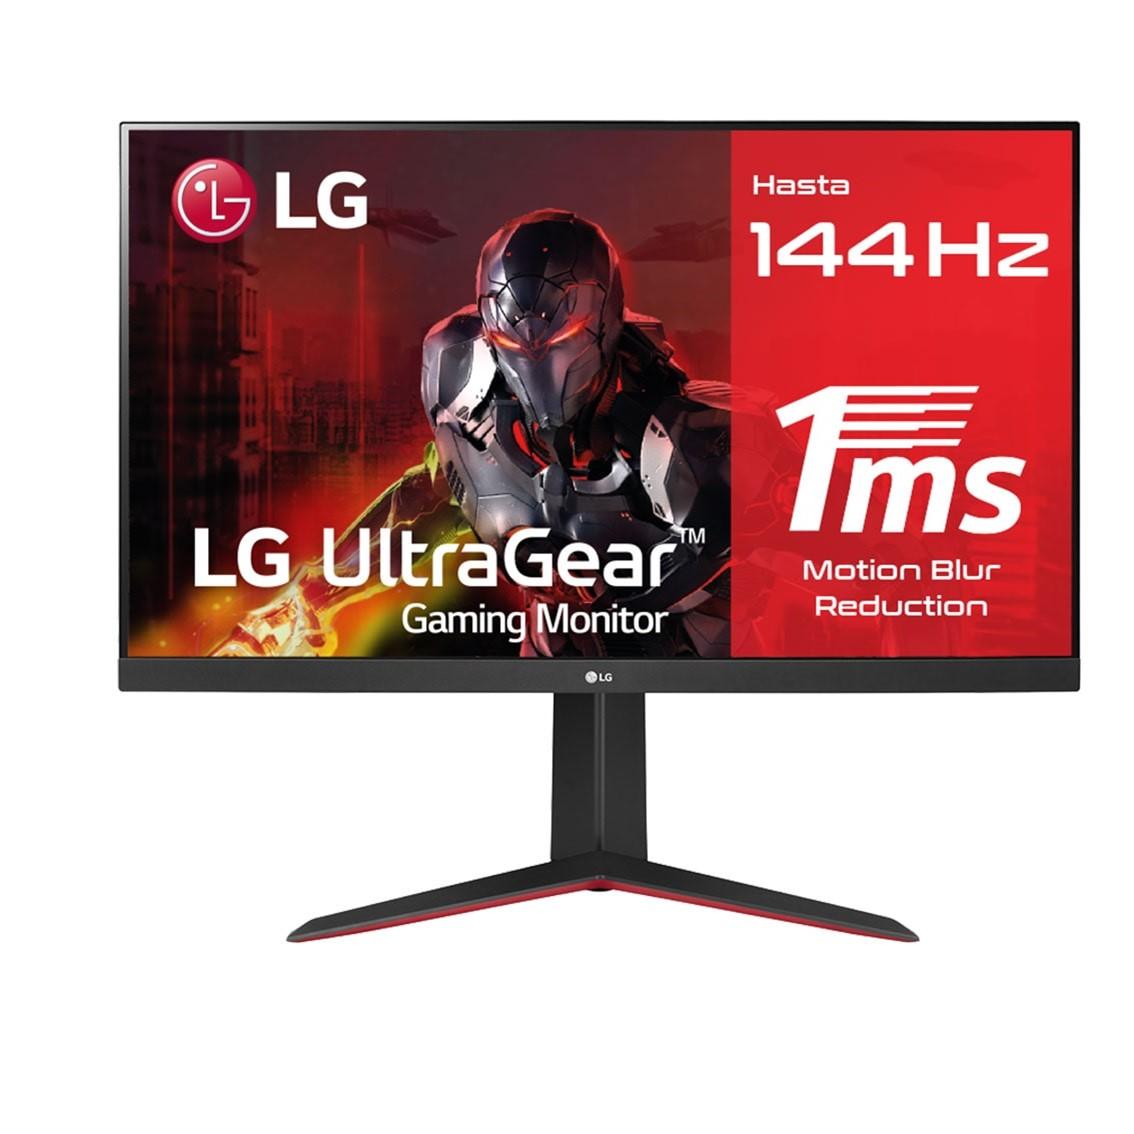 Monitor led lg 32gn650 - b 31.5pulgadas 2560 x 1440 5ms hdmi display port gaming